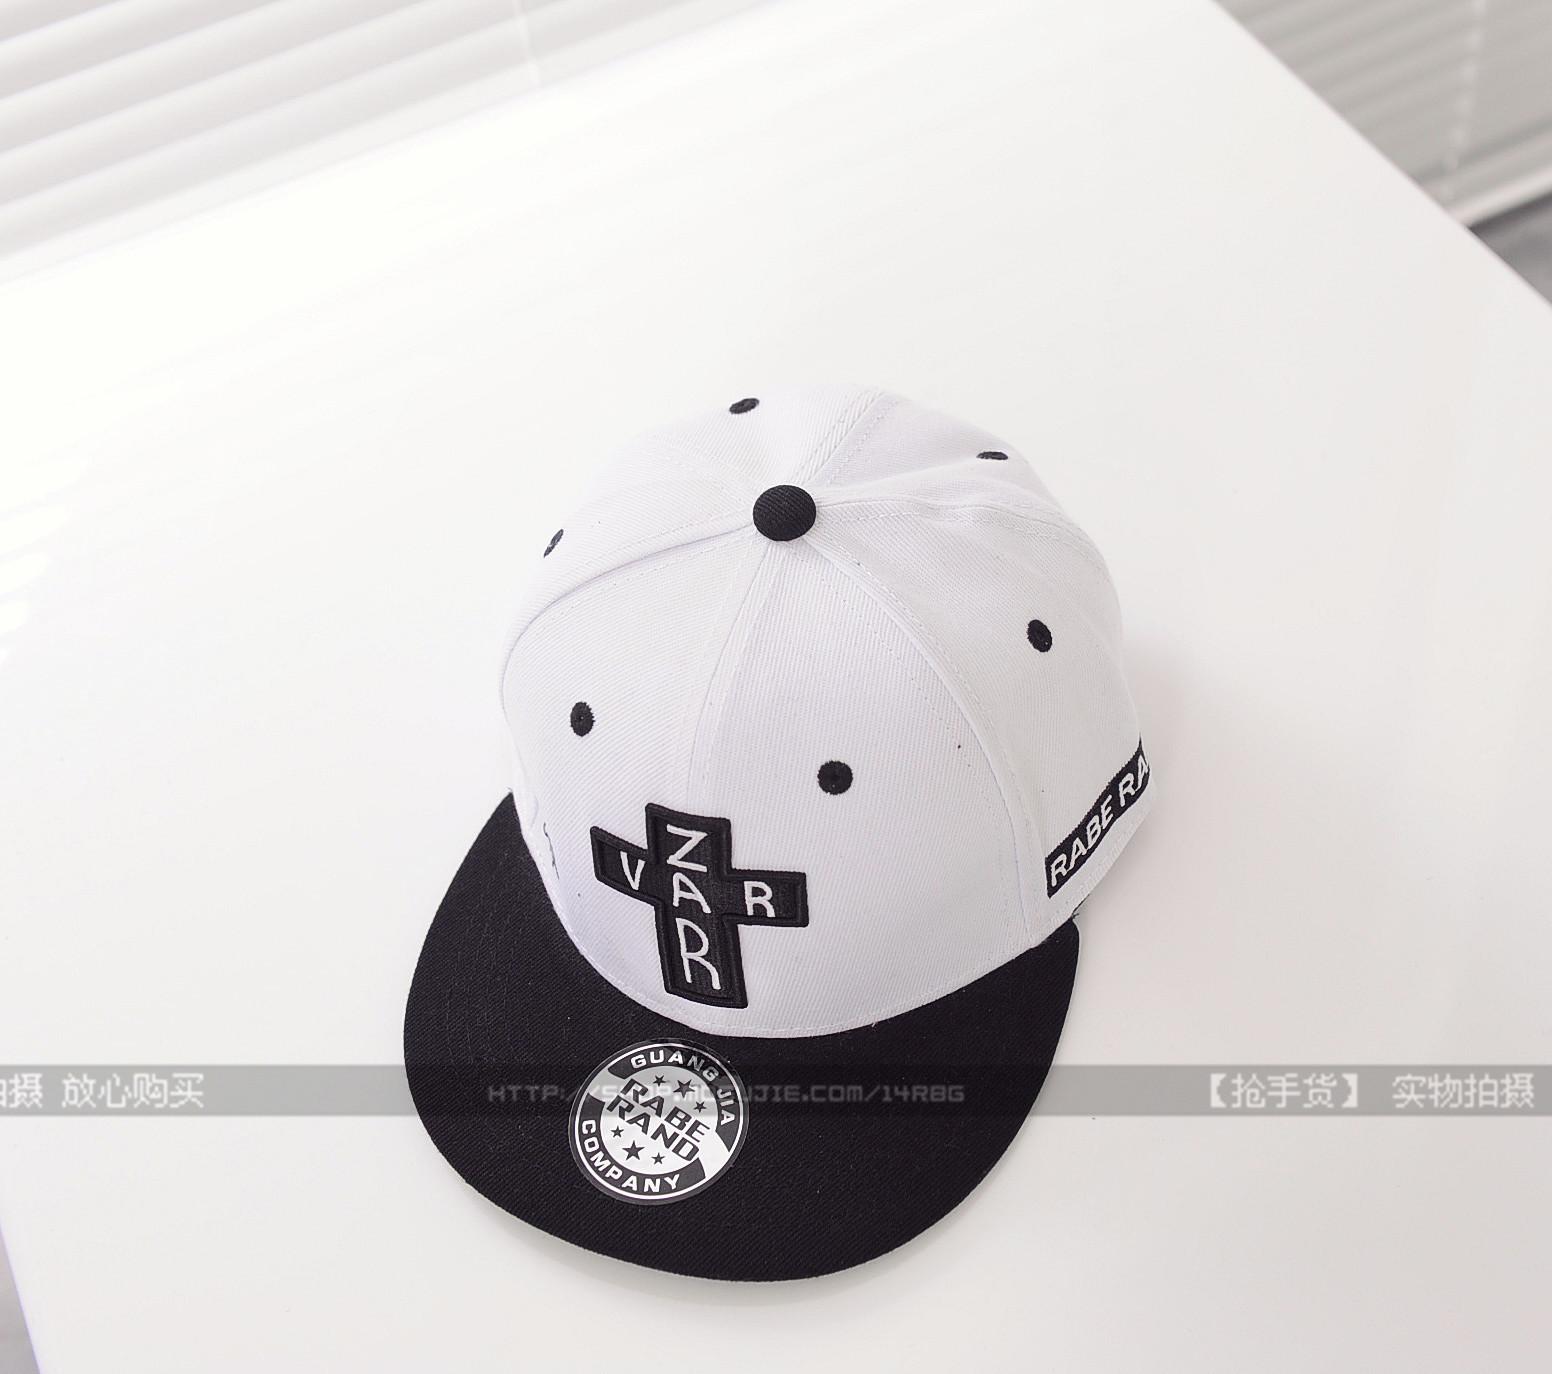 字母十字架 hiphop潮帽子